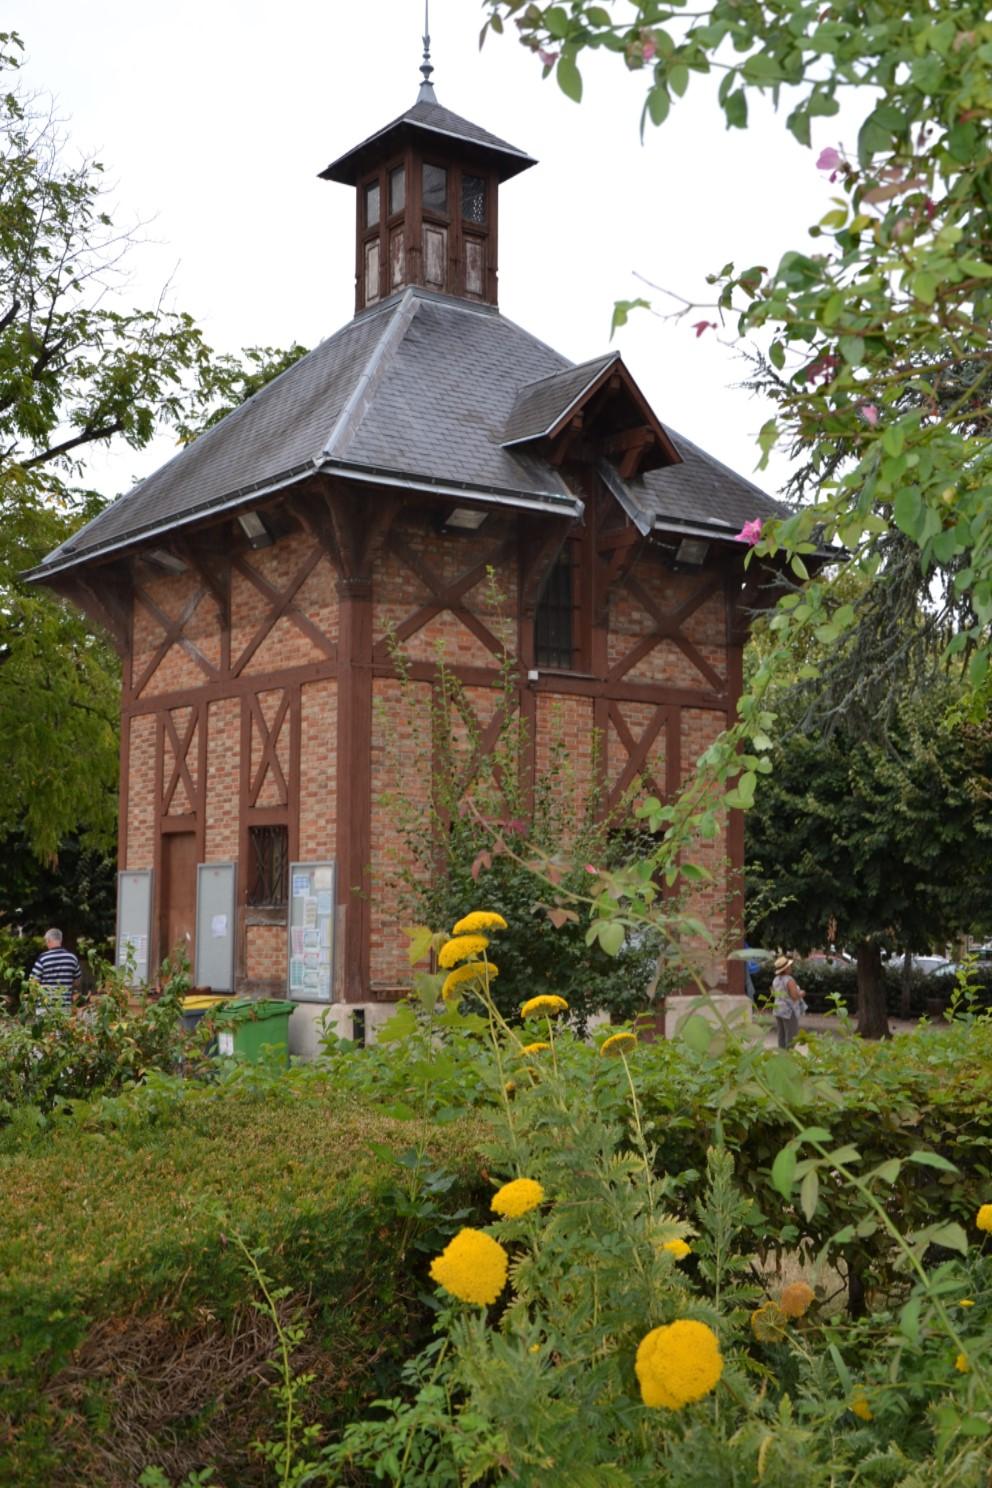 Août 2018 - Chalet des boulistes dans le Parc de Mézières à Eaubonne